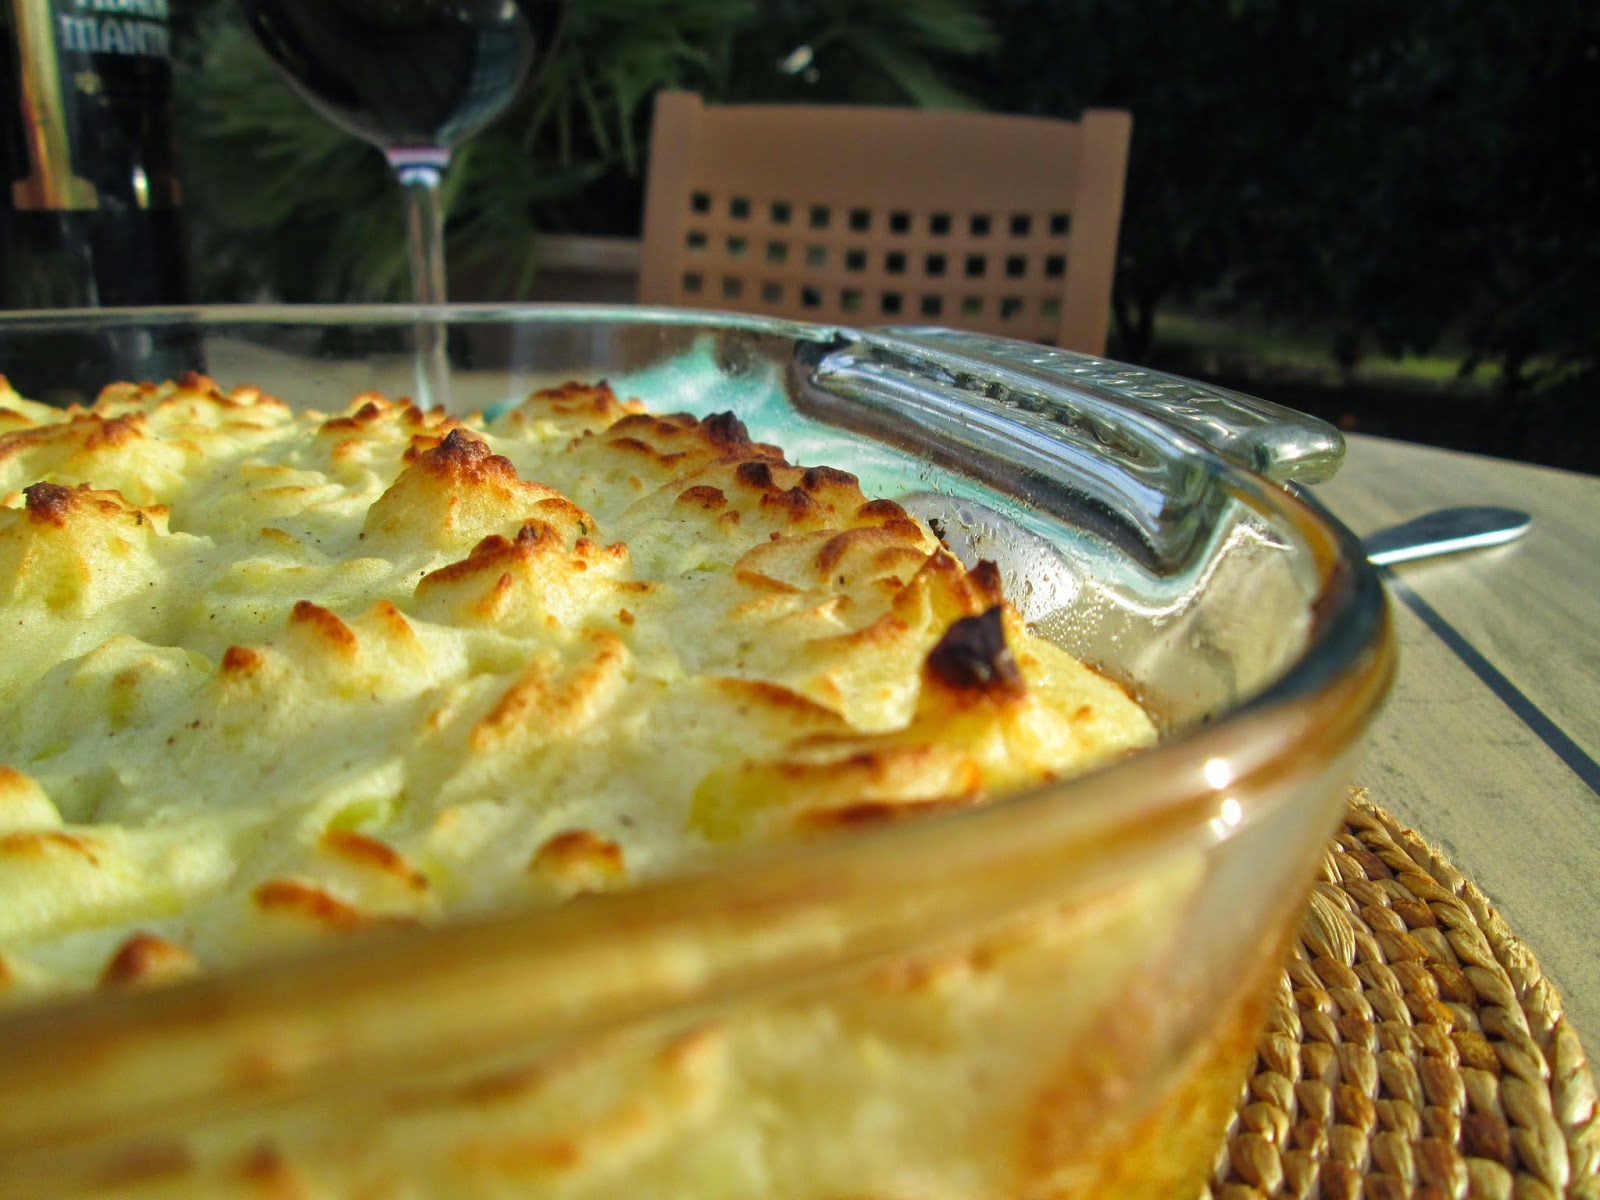 La cuisine de paqui gratinado de patatas y carne - Gratinado de patata ...